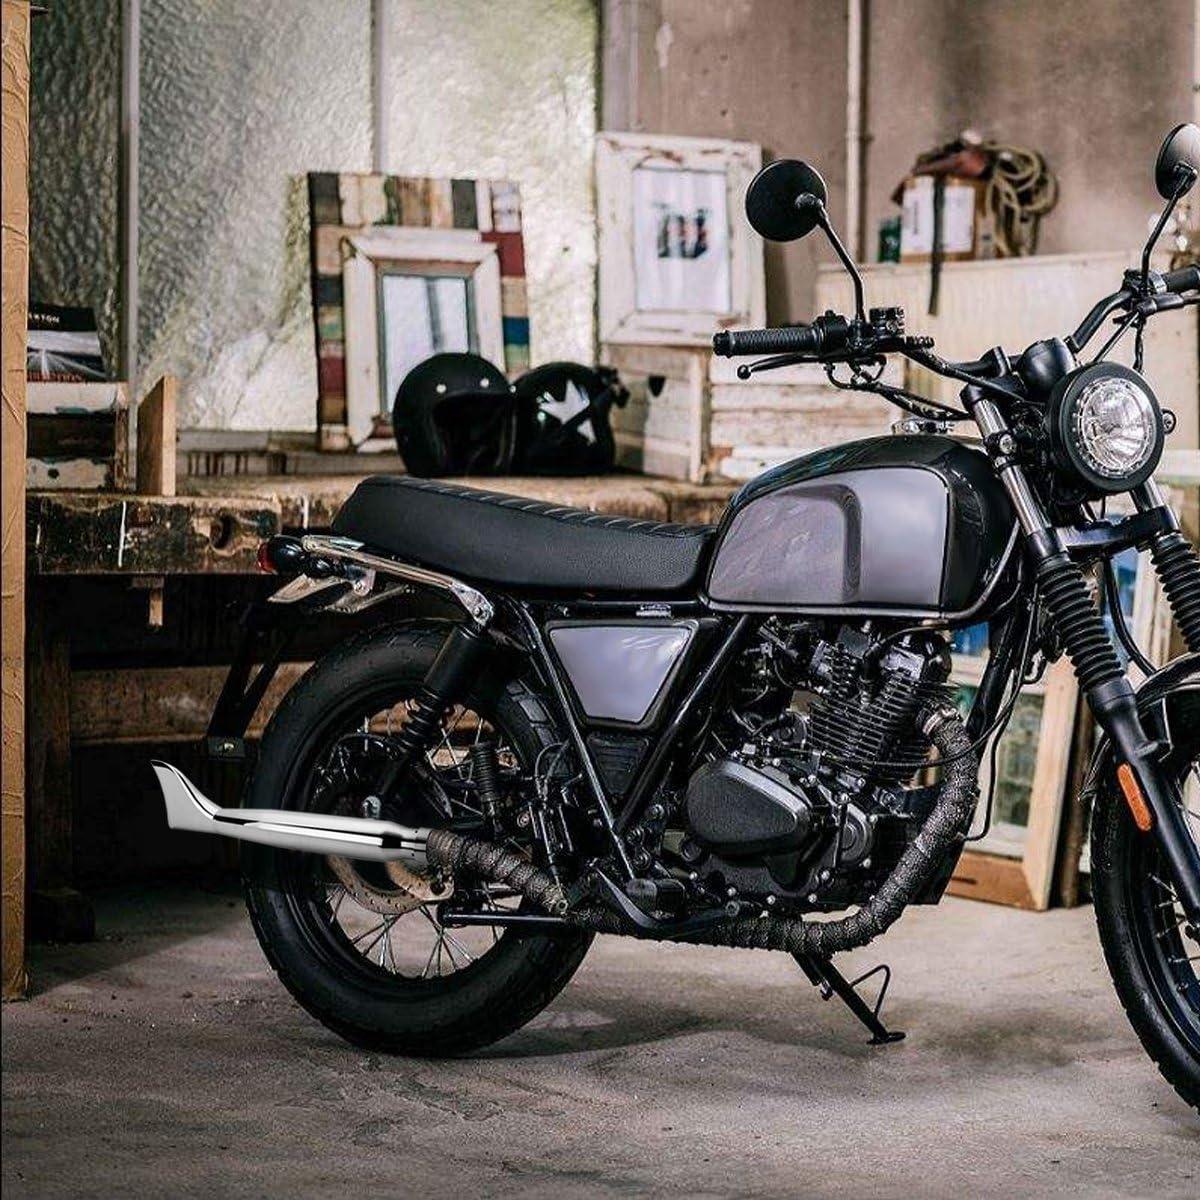 Universel Moto Fin D/échappement Tuyau Silencieux Silencieux